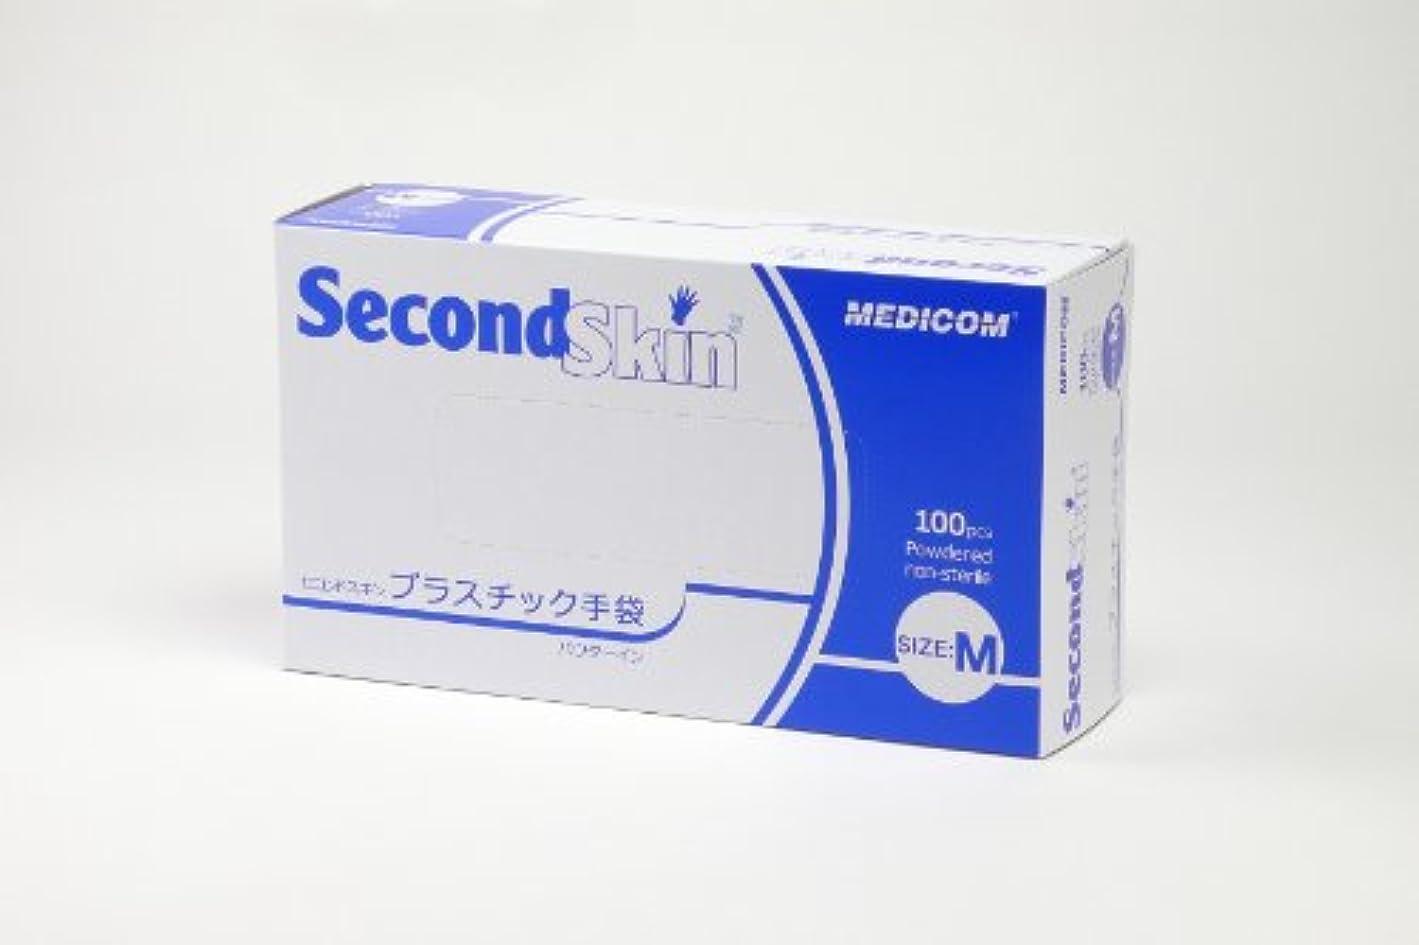 著作権水星企業セコンドスキン プラスチック手袋 Mサイズ 100枚入